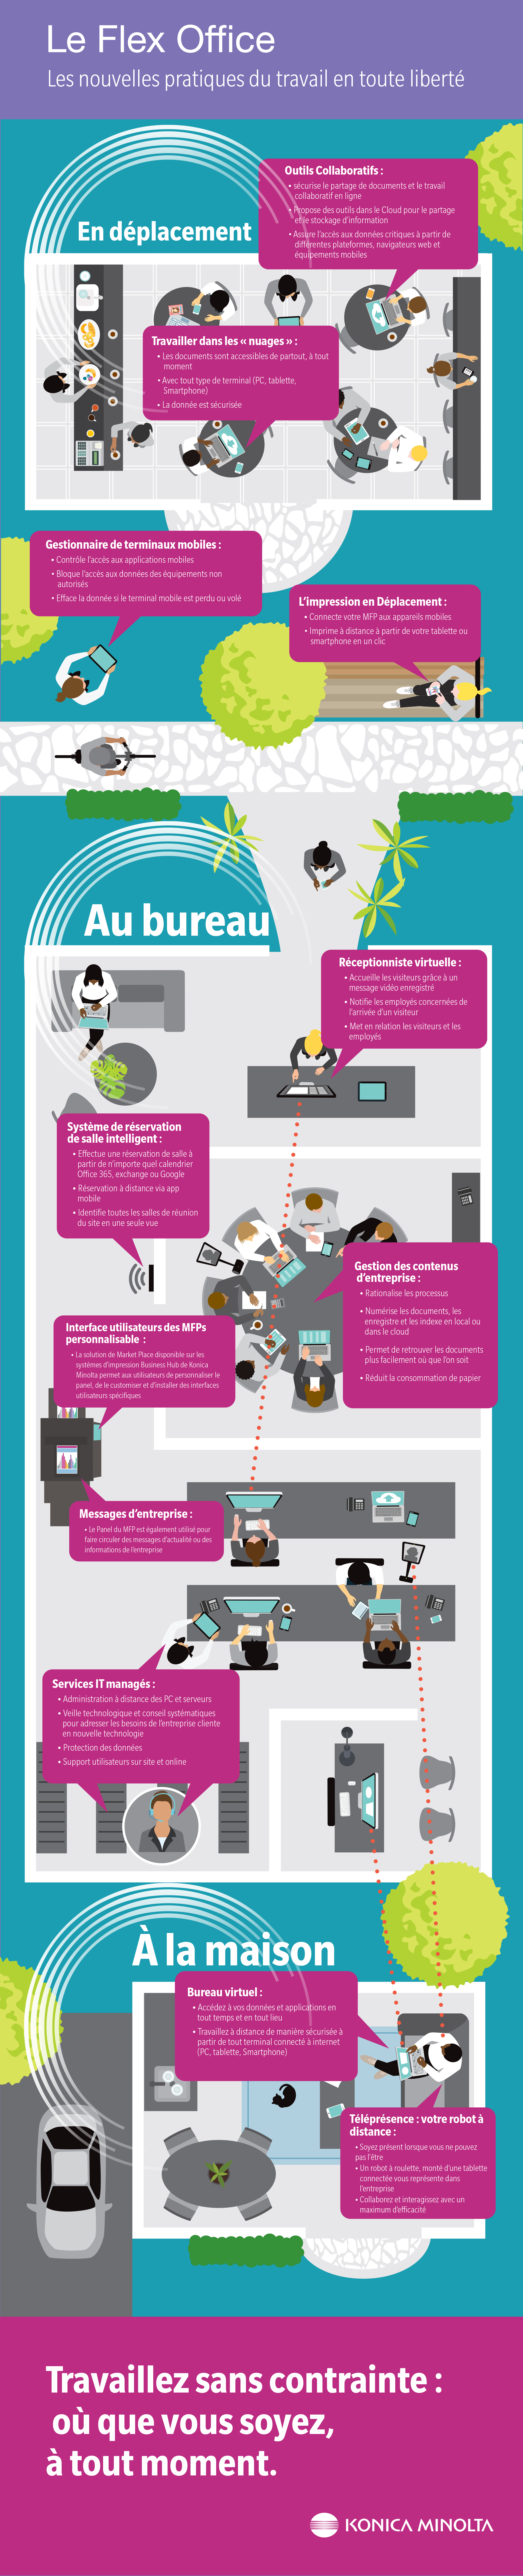 Le Flex Office : Les nouvelles pratiques du travail en toute liberté